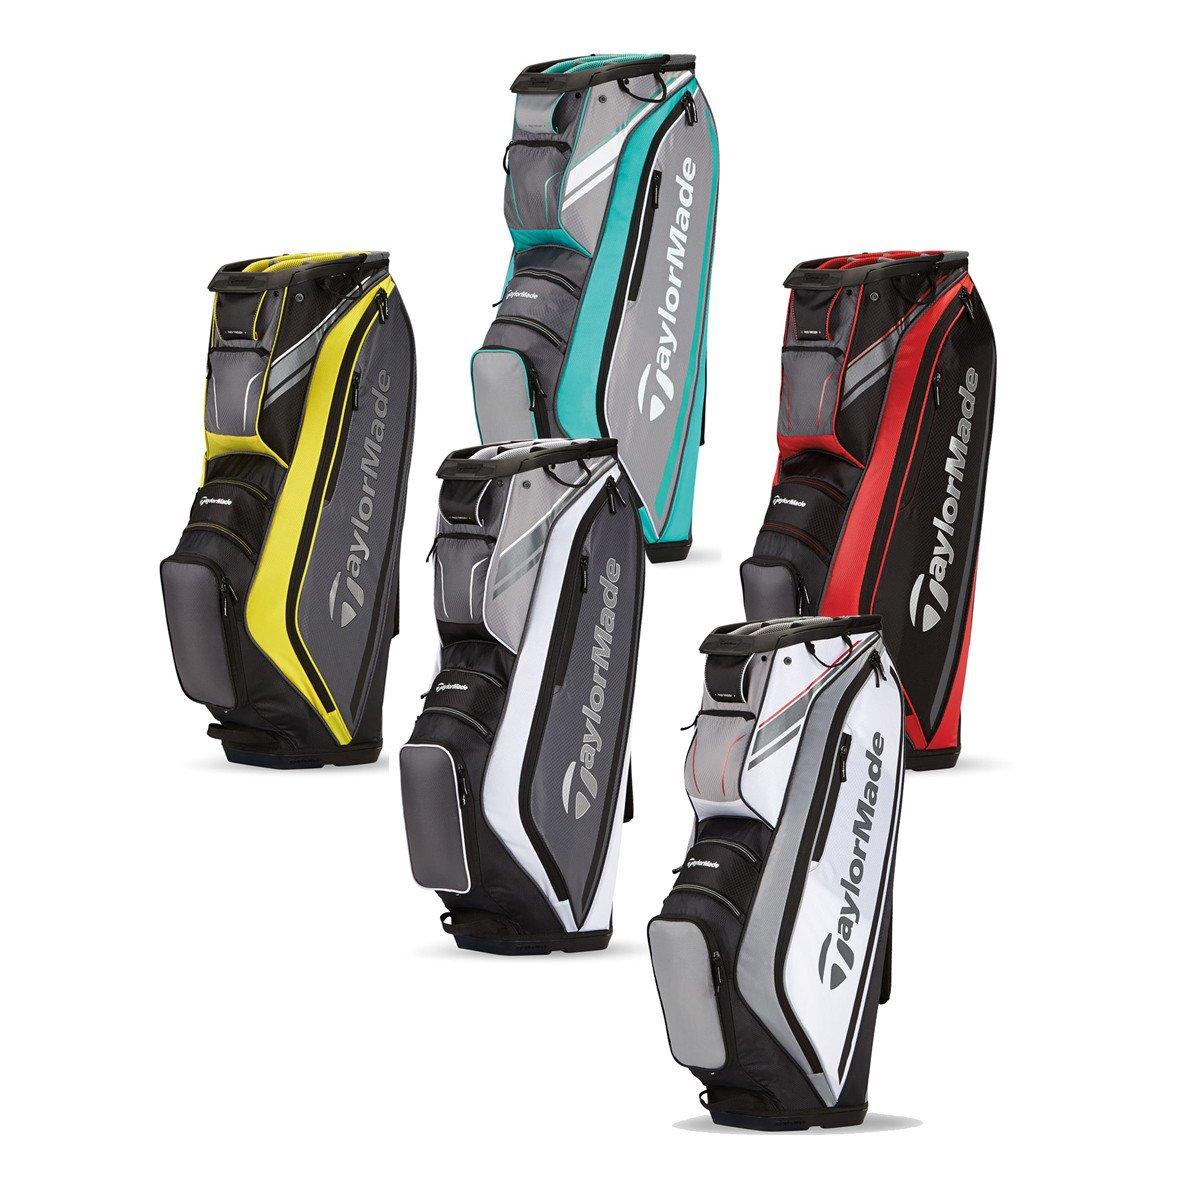 2015 TaylorMade San Clemente Cart Bag - TaylorMade Golf